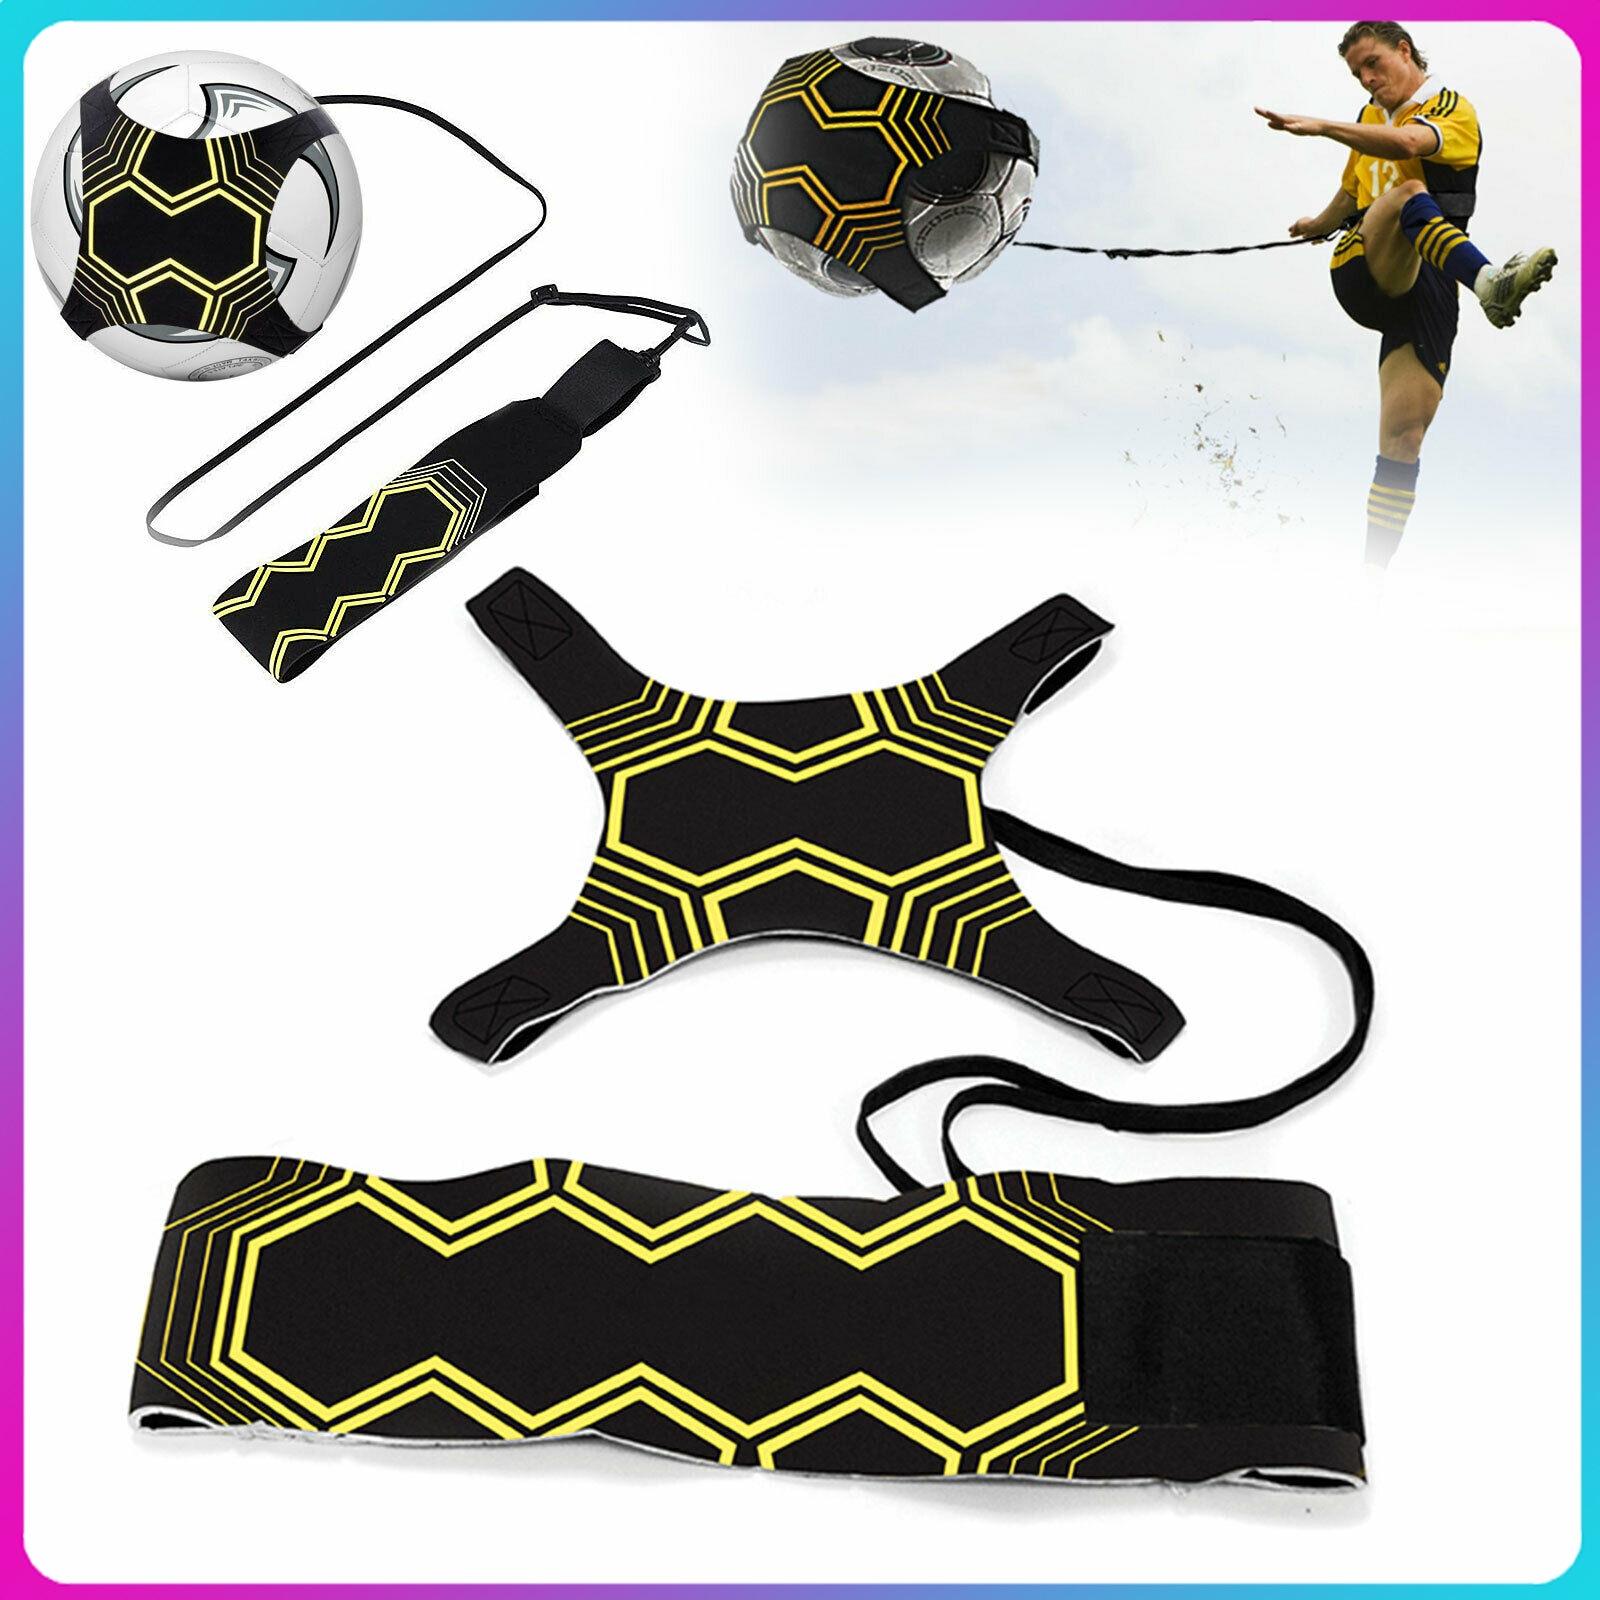 Trener piłki nożnej rzut piłki nożnej rzut Solo praktyka pomoc szkoleniowa kontrola umiejętności regulowany sprzęt torby piłkarskie prezent